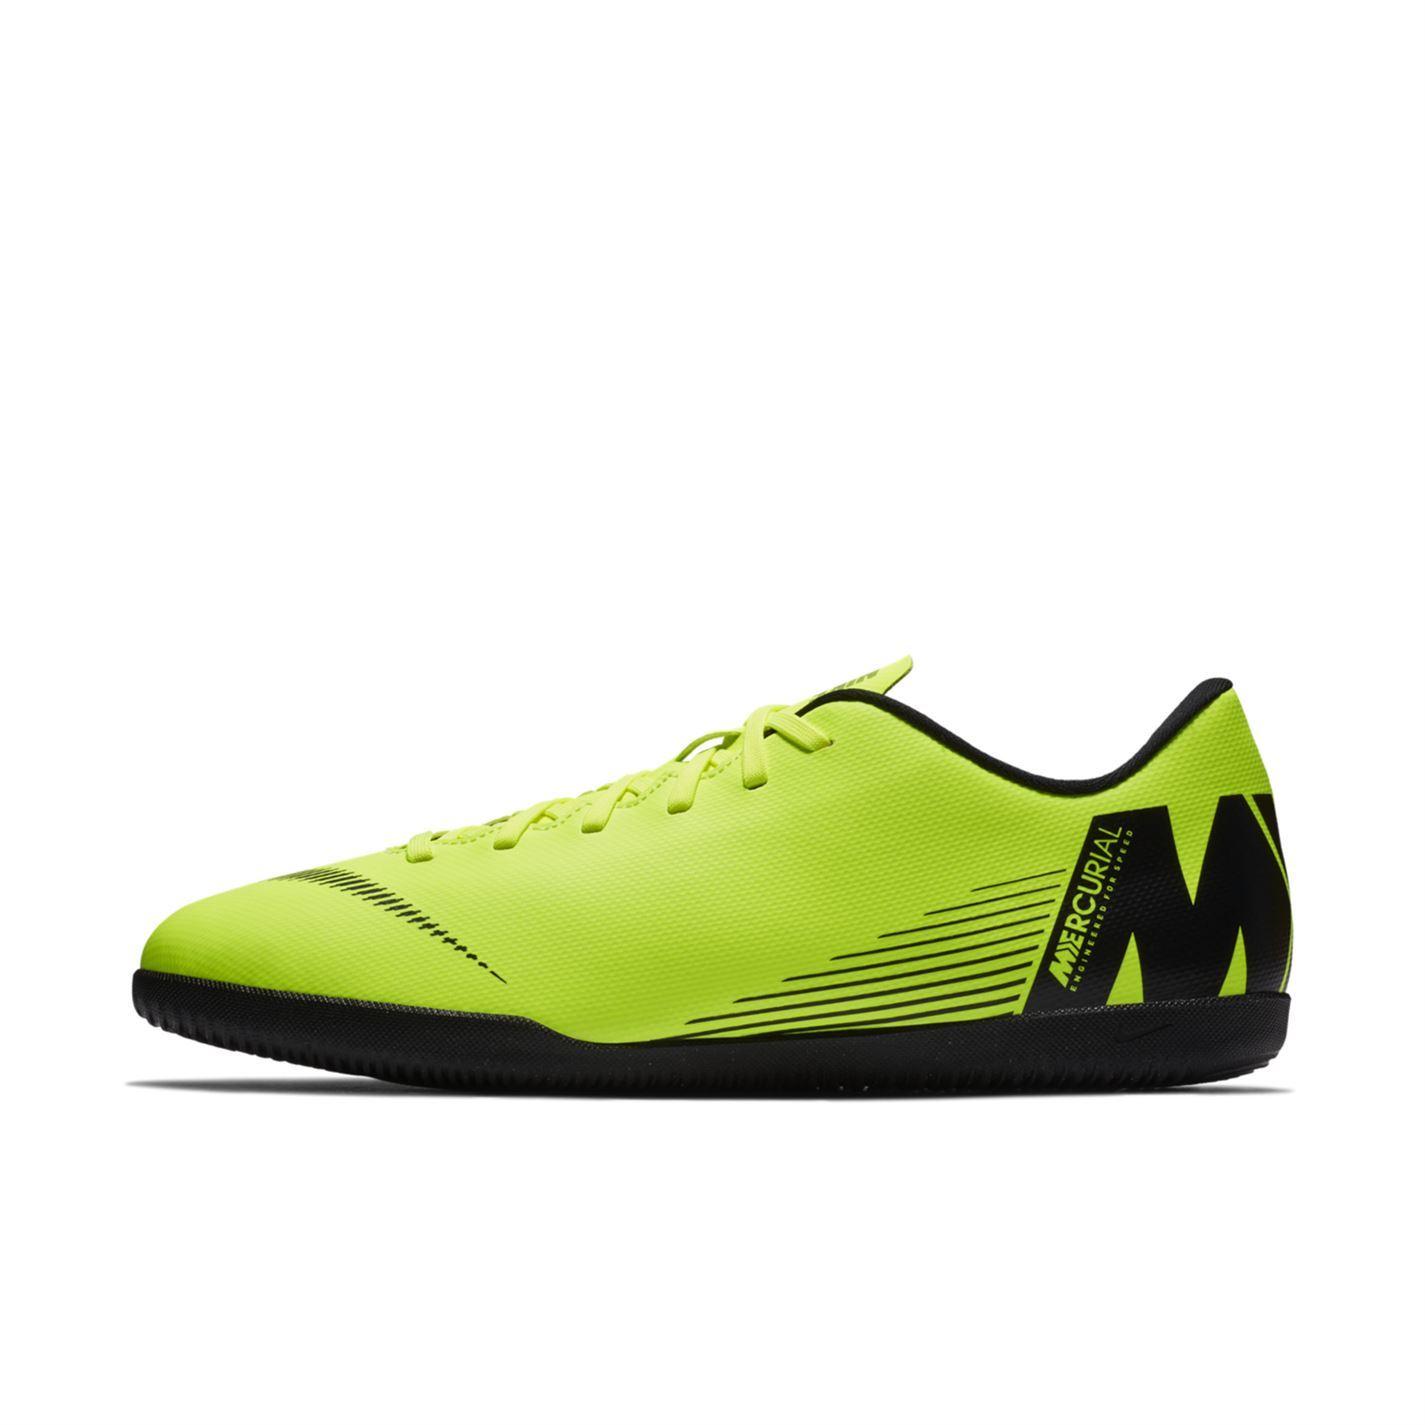 Nike Mercurial Vapor Club Indoor Football Trainers Mens Soccer ... 8fe7a24de66c